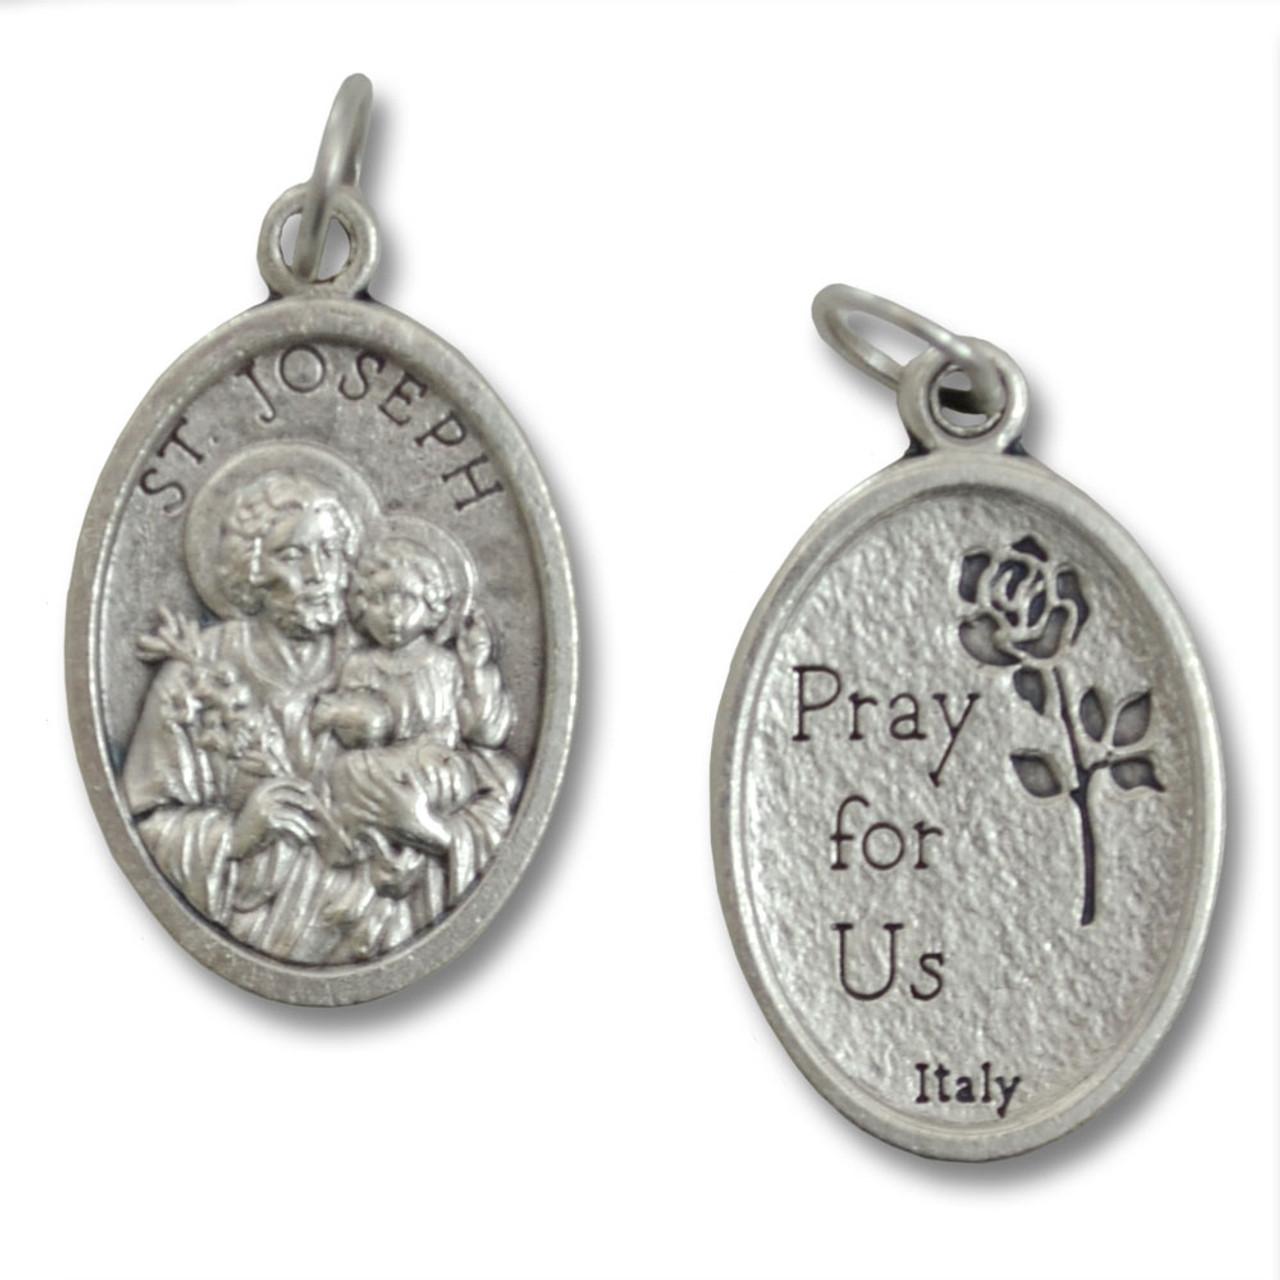 St. Joseph Devotional Medal